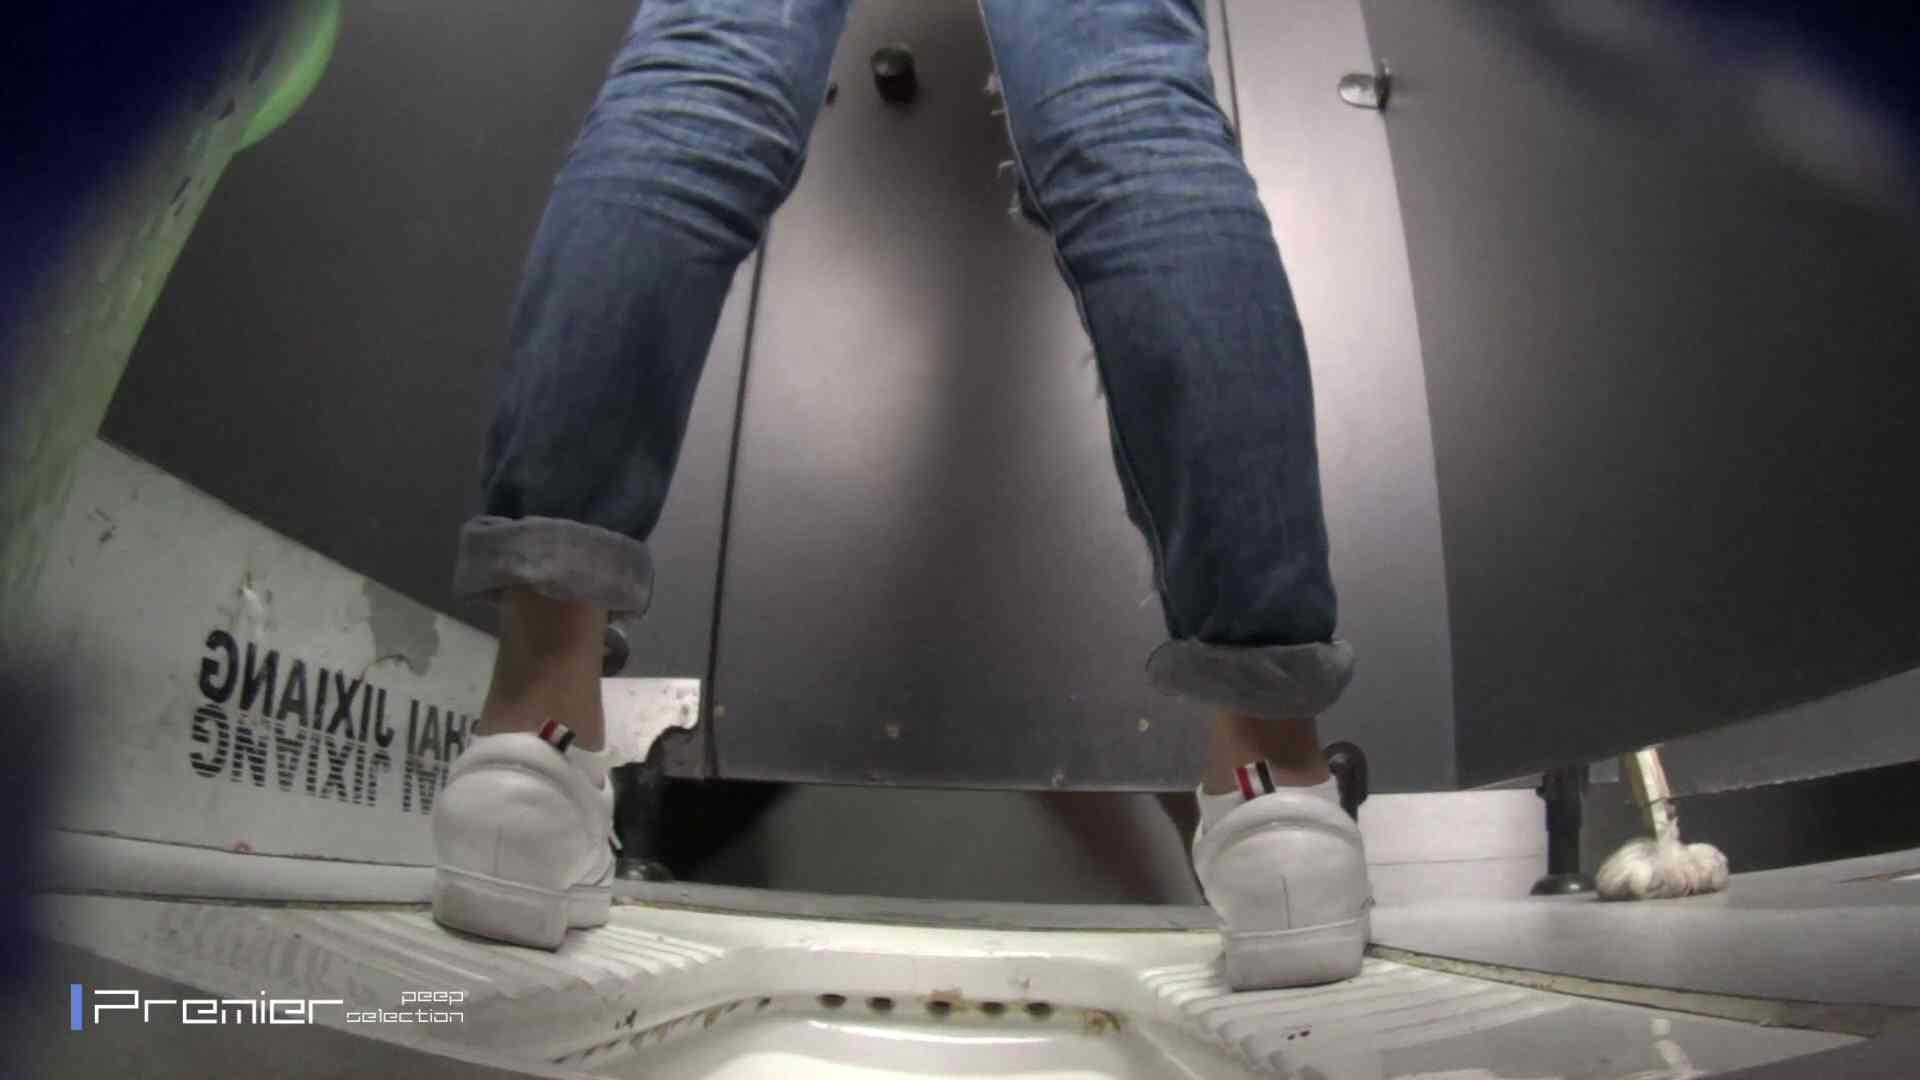 グレースパッツお女市さん 大学休憩時間の洗面所事情31 ギャル達 AV動画キャプチャ 84枚 13